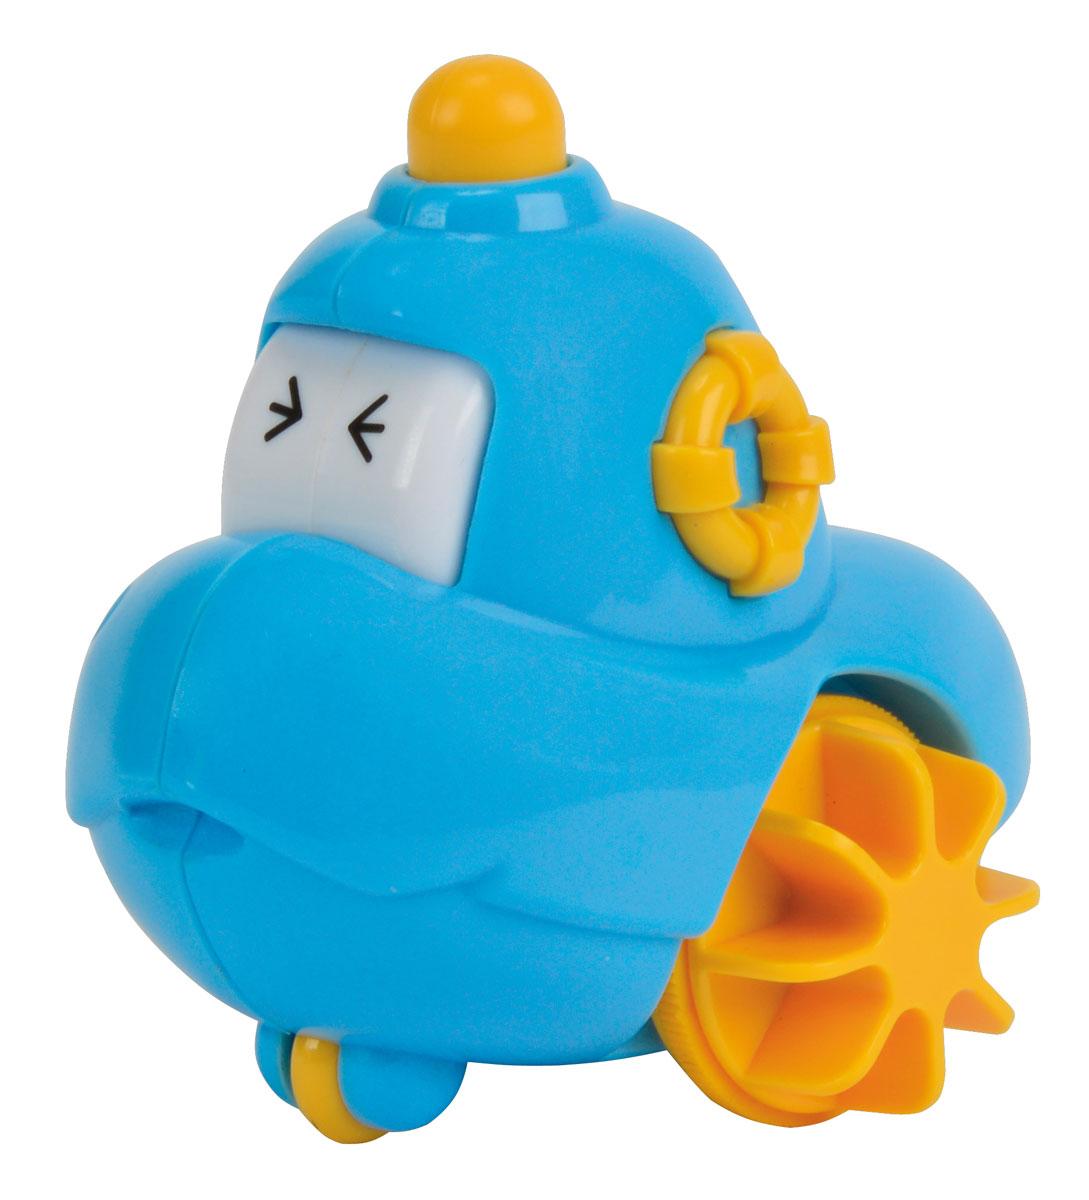 Simba Инерционная игрушка Лодочка 2 в 1 цвет голубой4011643_голубойИгрушка для ванной Лодочка обязательно порадует малыша и сделает принятие ванной и водные процедуры забавным развлечением. Яркие впечатления и звонкий смех станут постоянными явлениями во время купания. Игрушка, выполненная из высококачественных материалов, оснащена подвижными глазками и специальным механизмом, позволяющим ей плавать в воде. Игрушка помогает развивать мелкую моторику, цветовосприятие и воображение. Порадуйте своего малыша таким замечательным подарком.